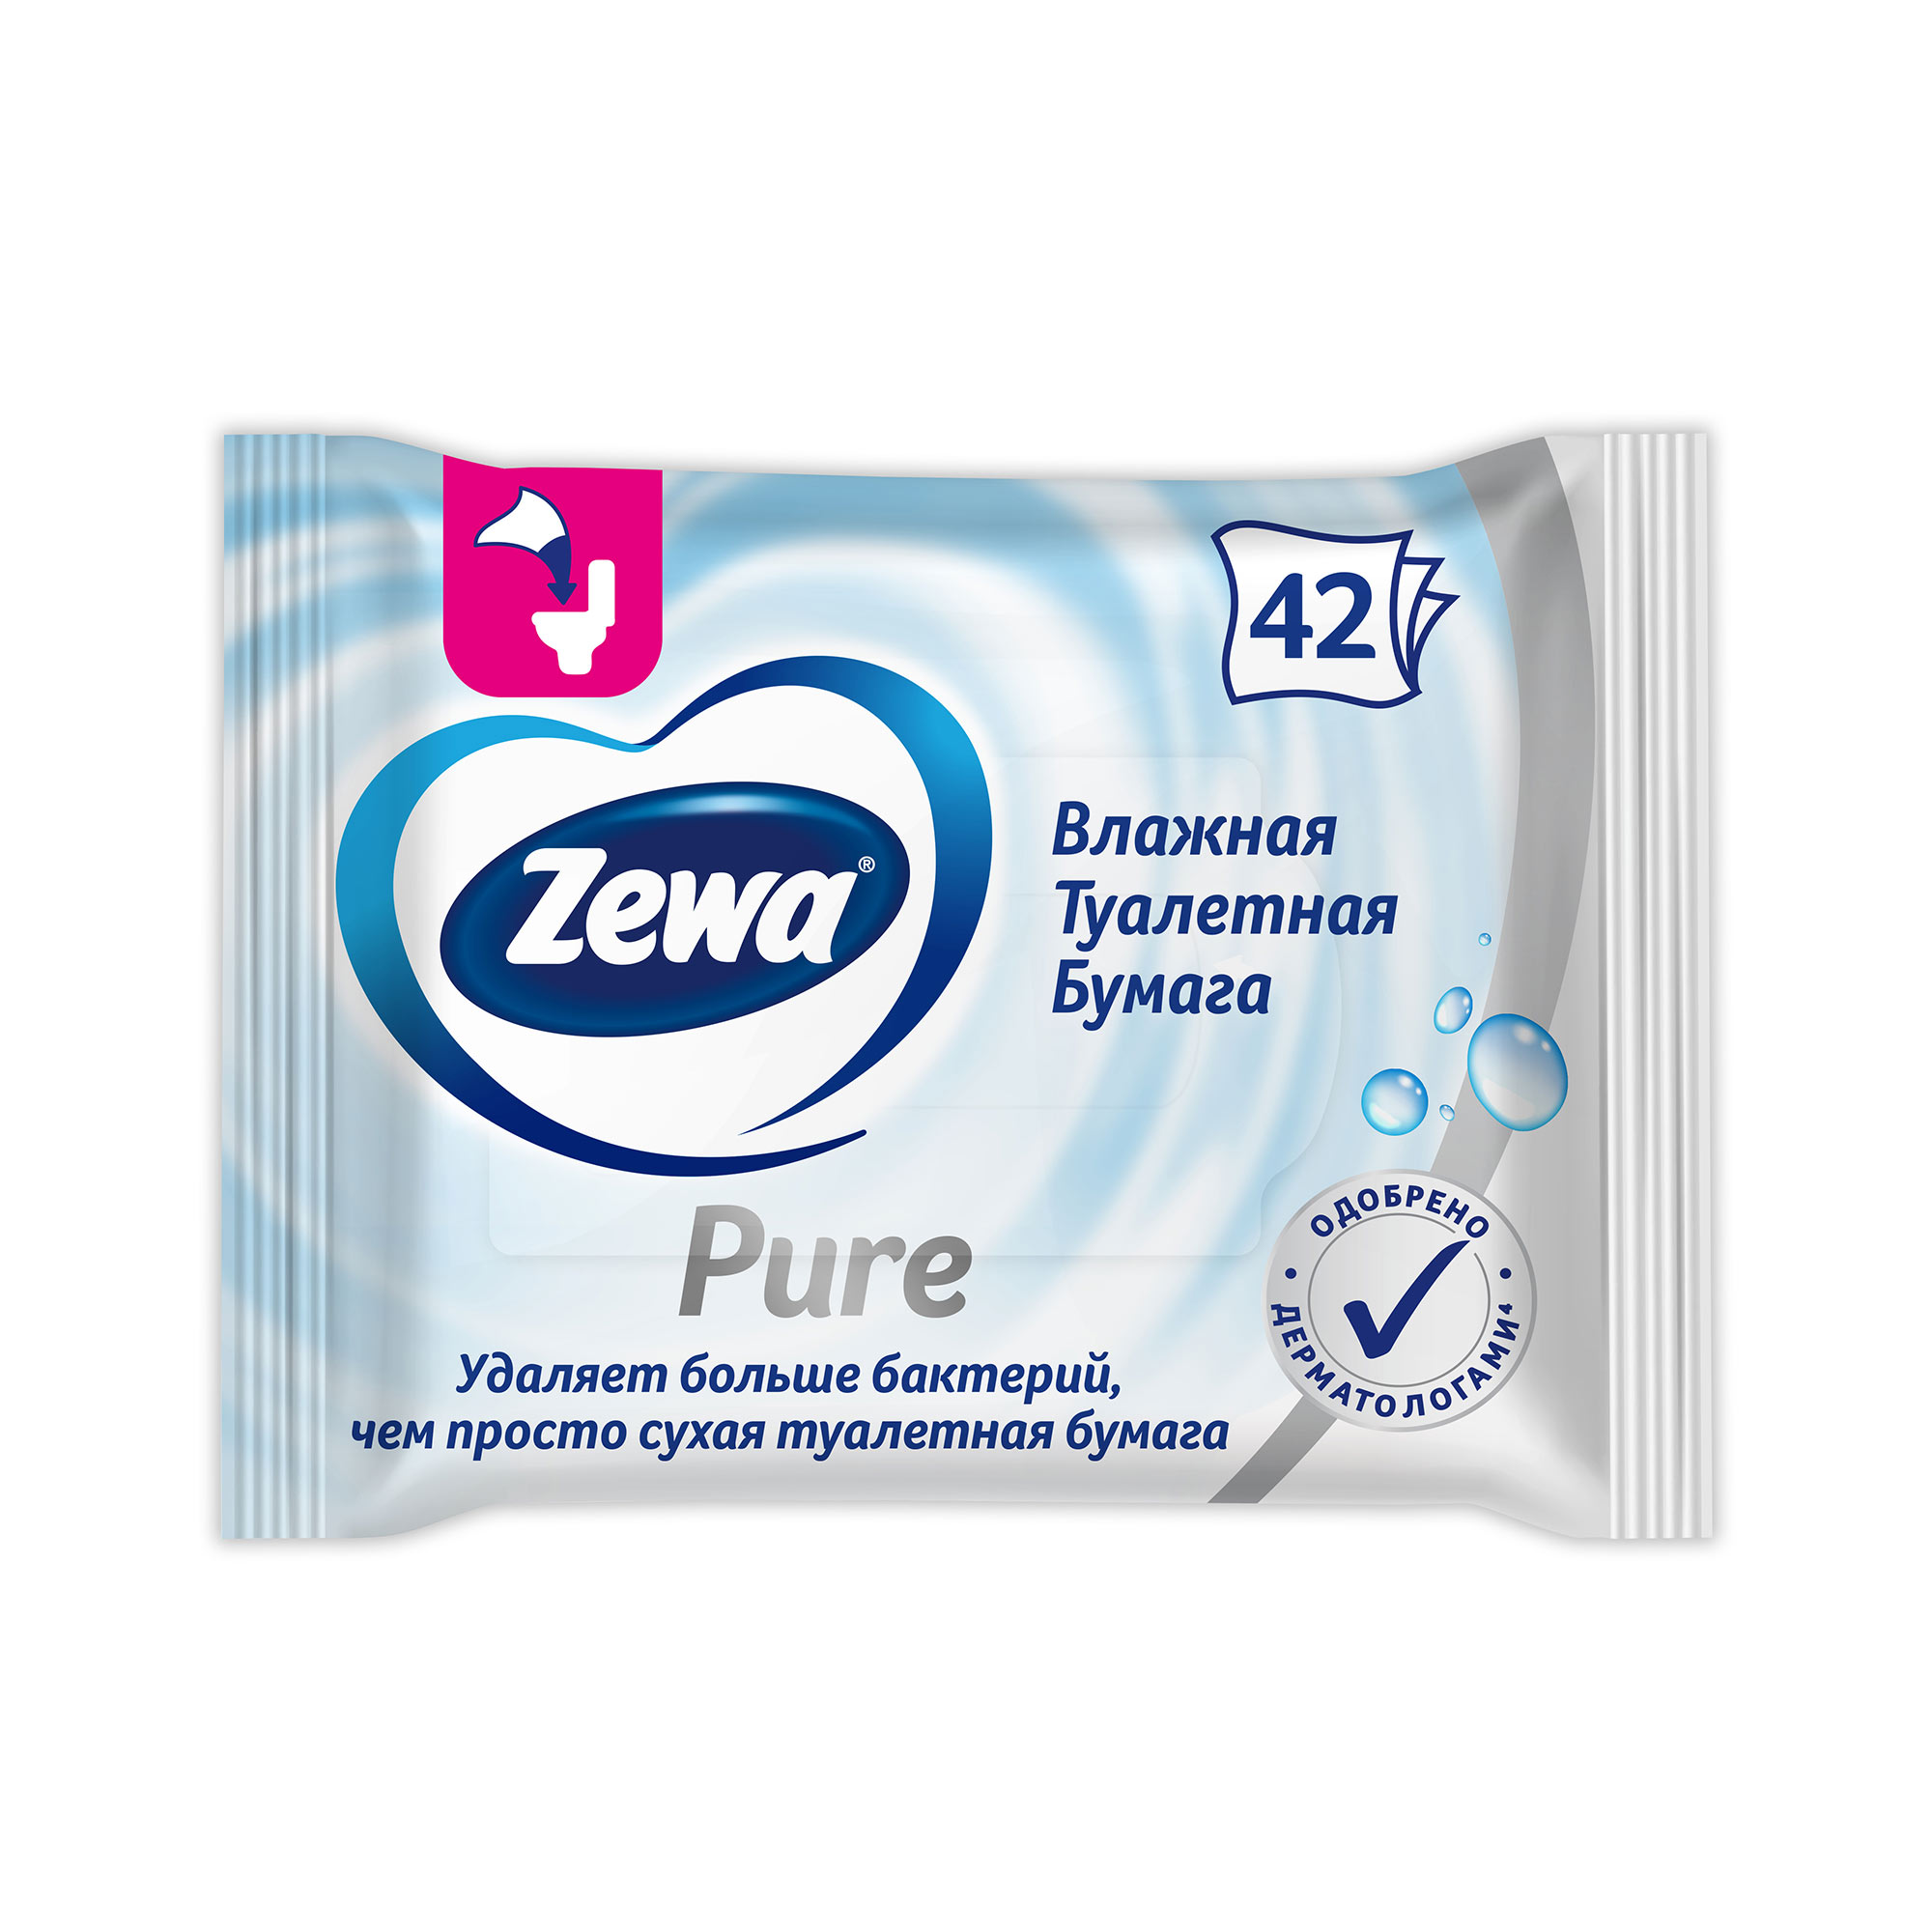 туалетная бумага zewa купить